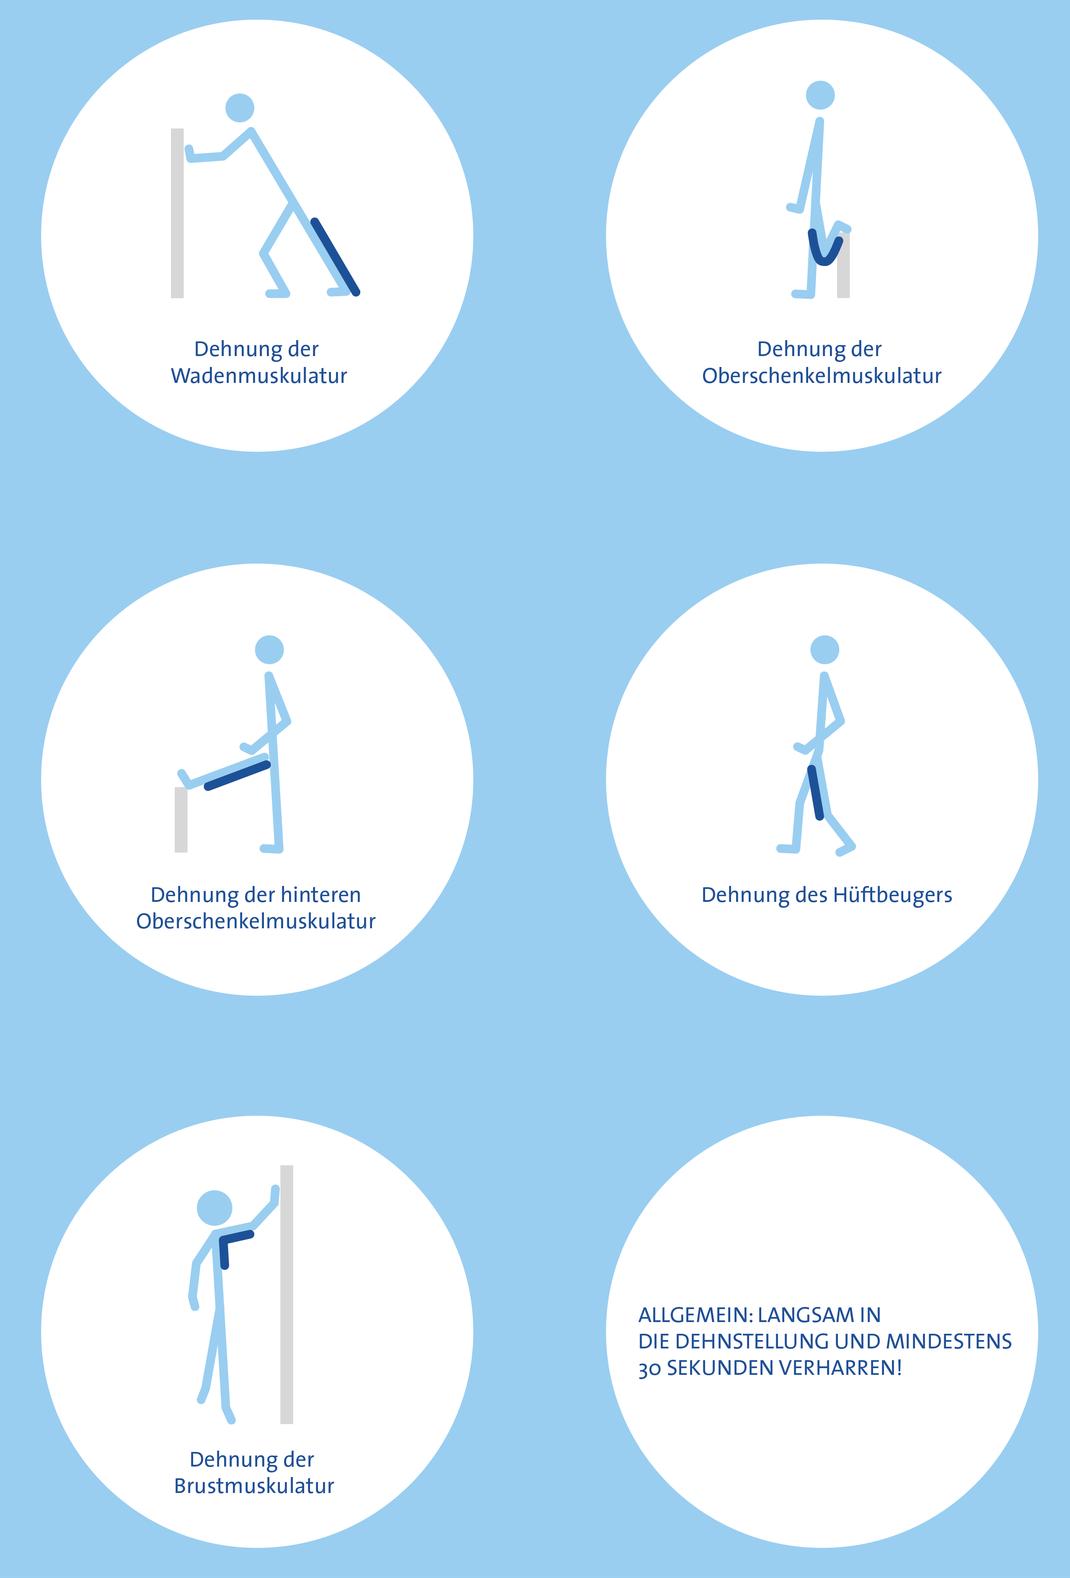 Dehnungsübungen nach dem Laufsport, Praxis Mäser Jagg, Physiotherapie in Bregenz